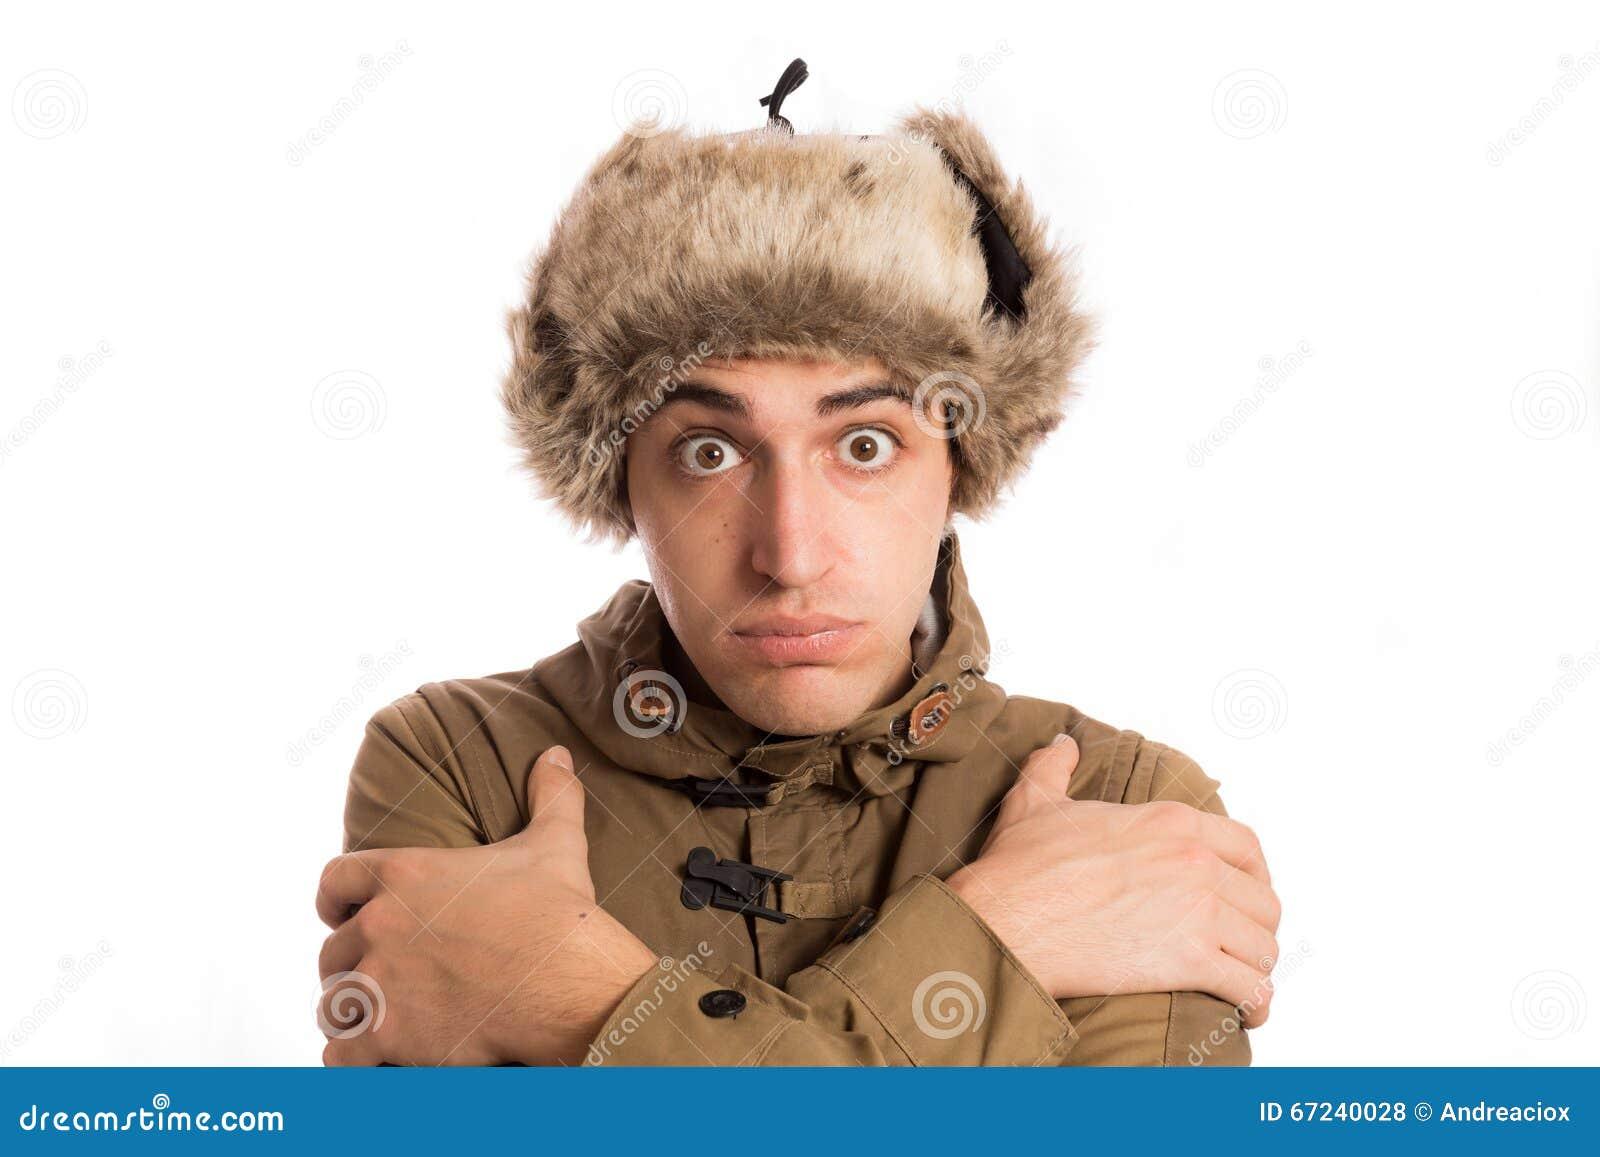 40e2423ec7c Frozen Man With Its Eskimo Hat